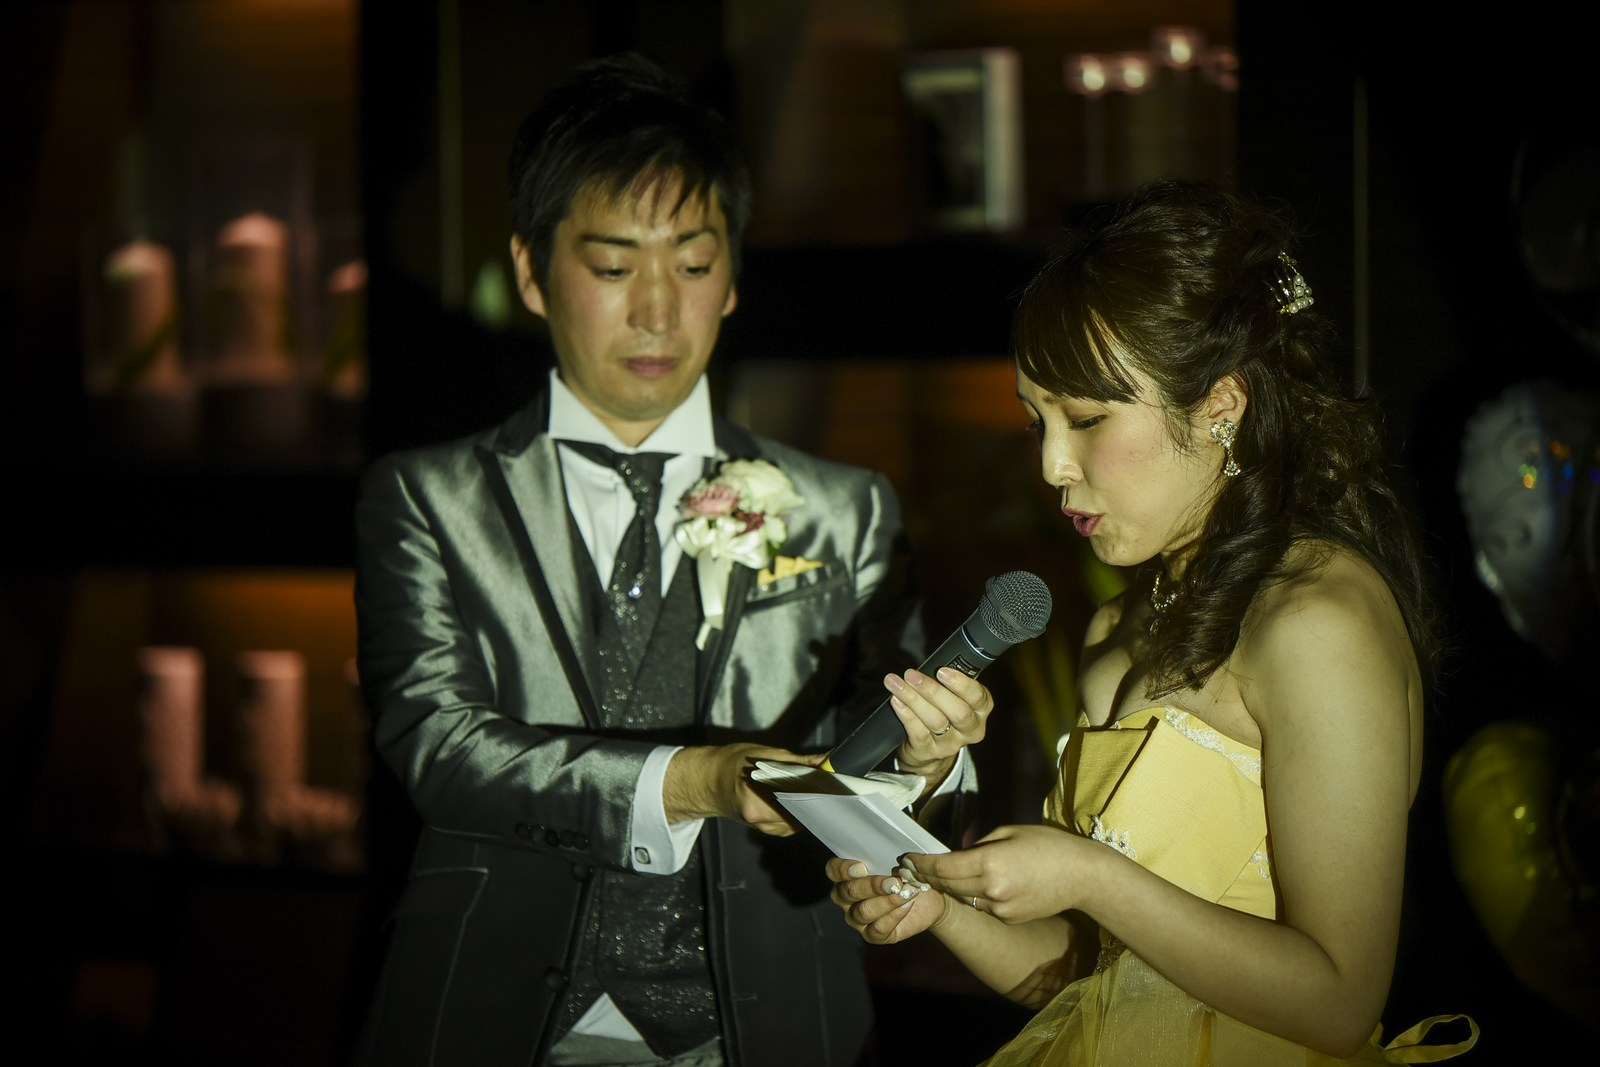 徳島市の結婚式場ブランアンジュで披露宴で新婦様からご両親様への感動のお手紙披露